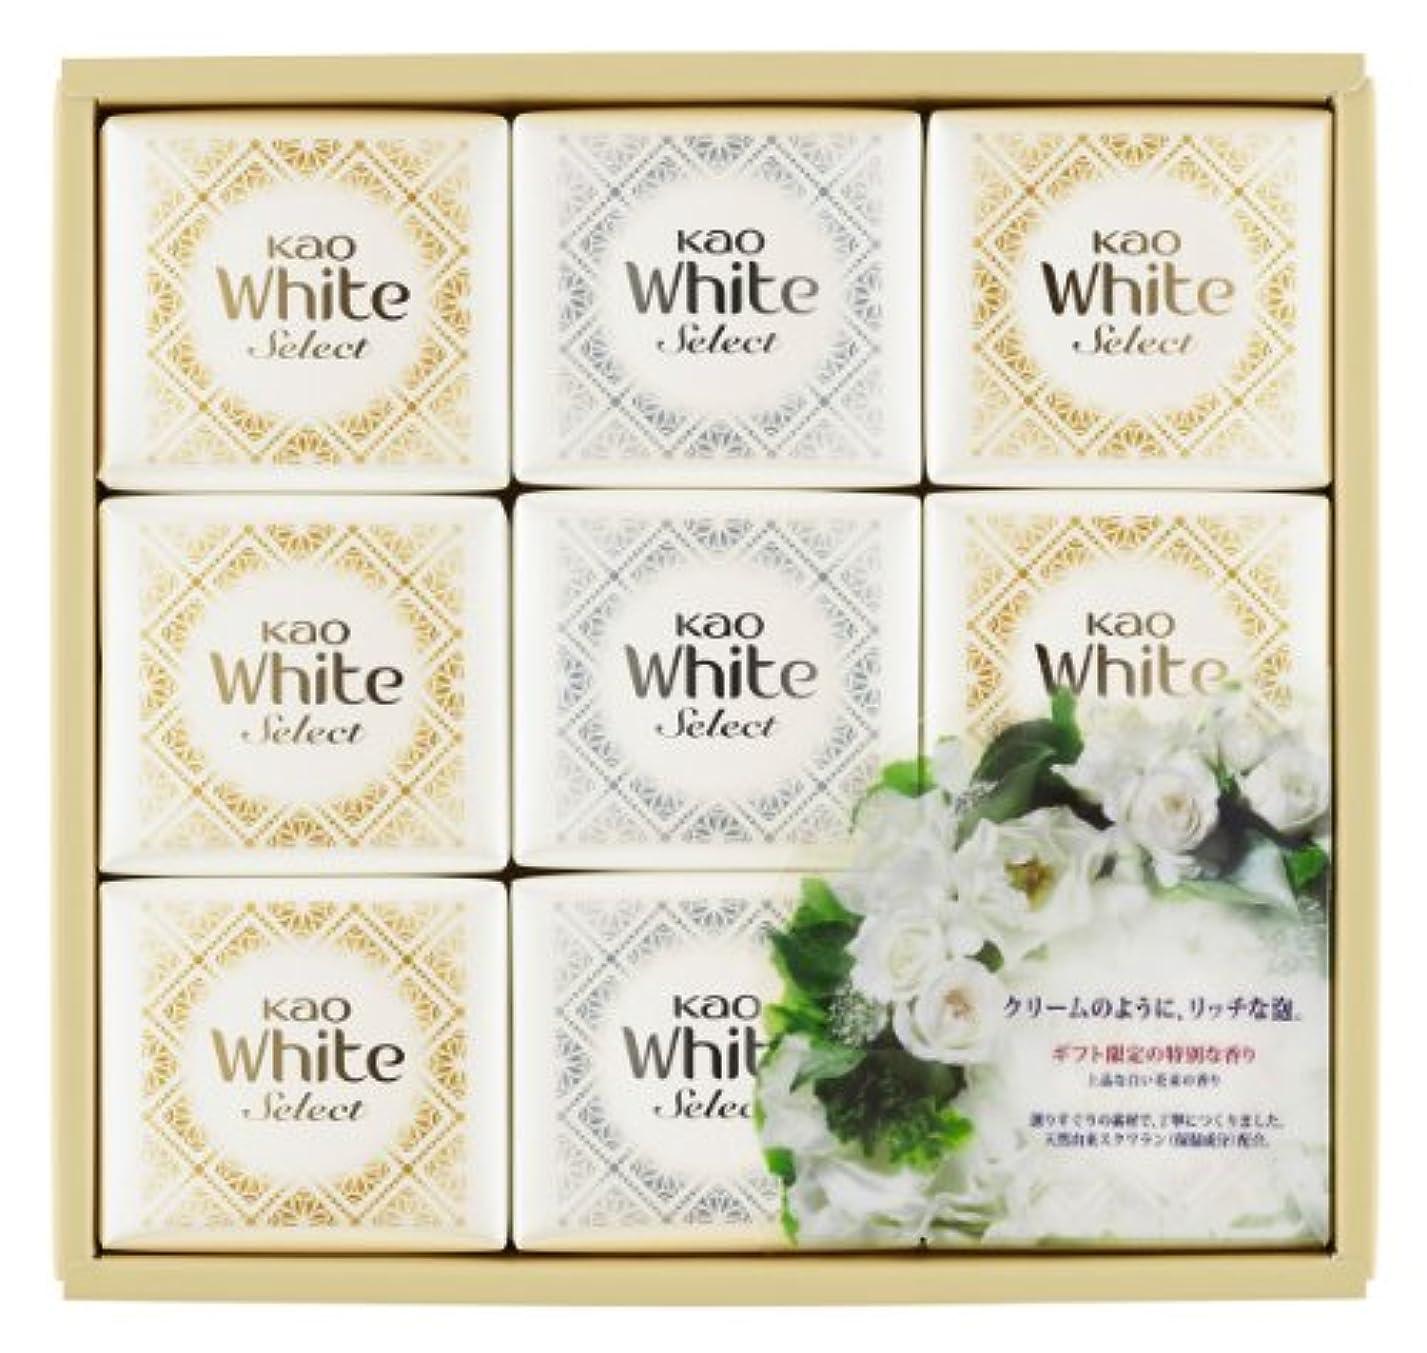 オートメーション慢な比較花王ホワイト セレクト 上品な白い花束の香り 85g 9コ K?WS-15